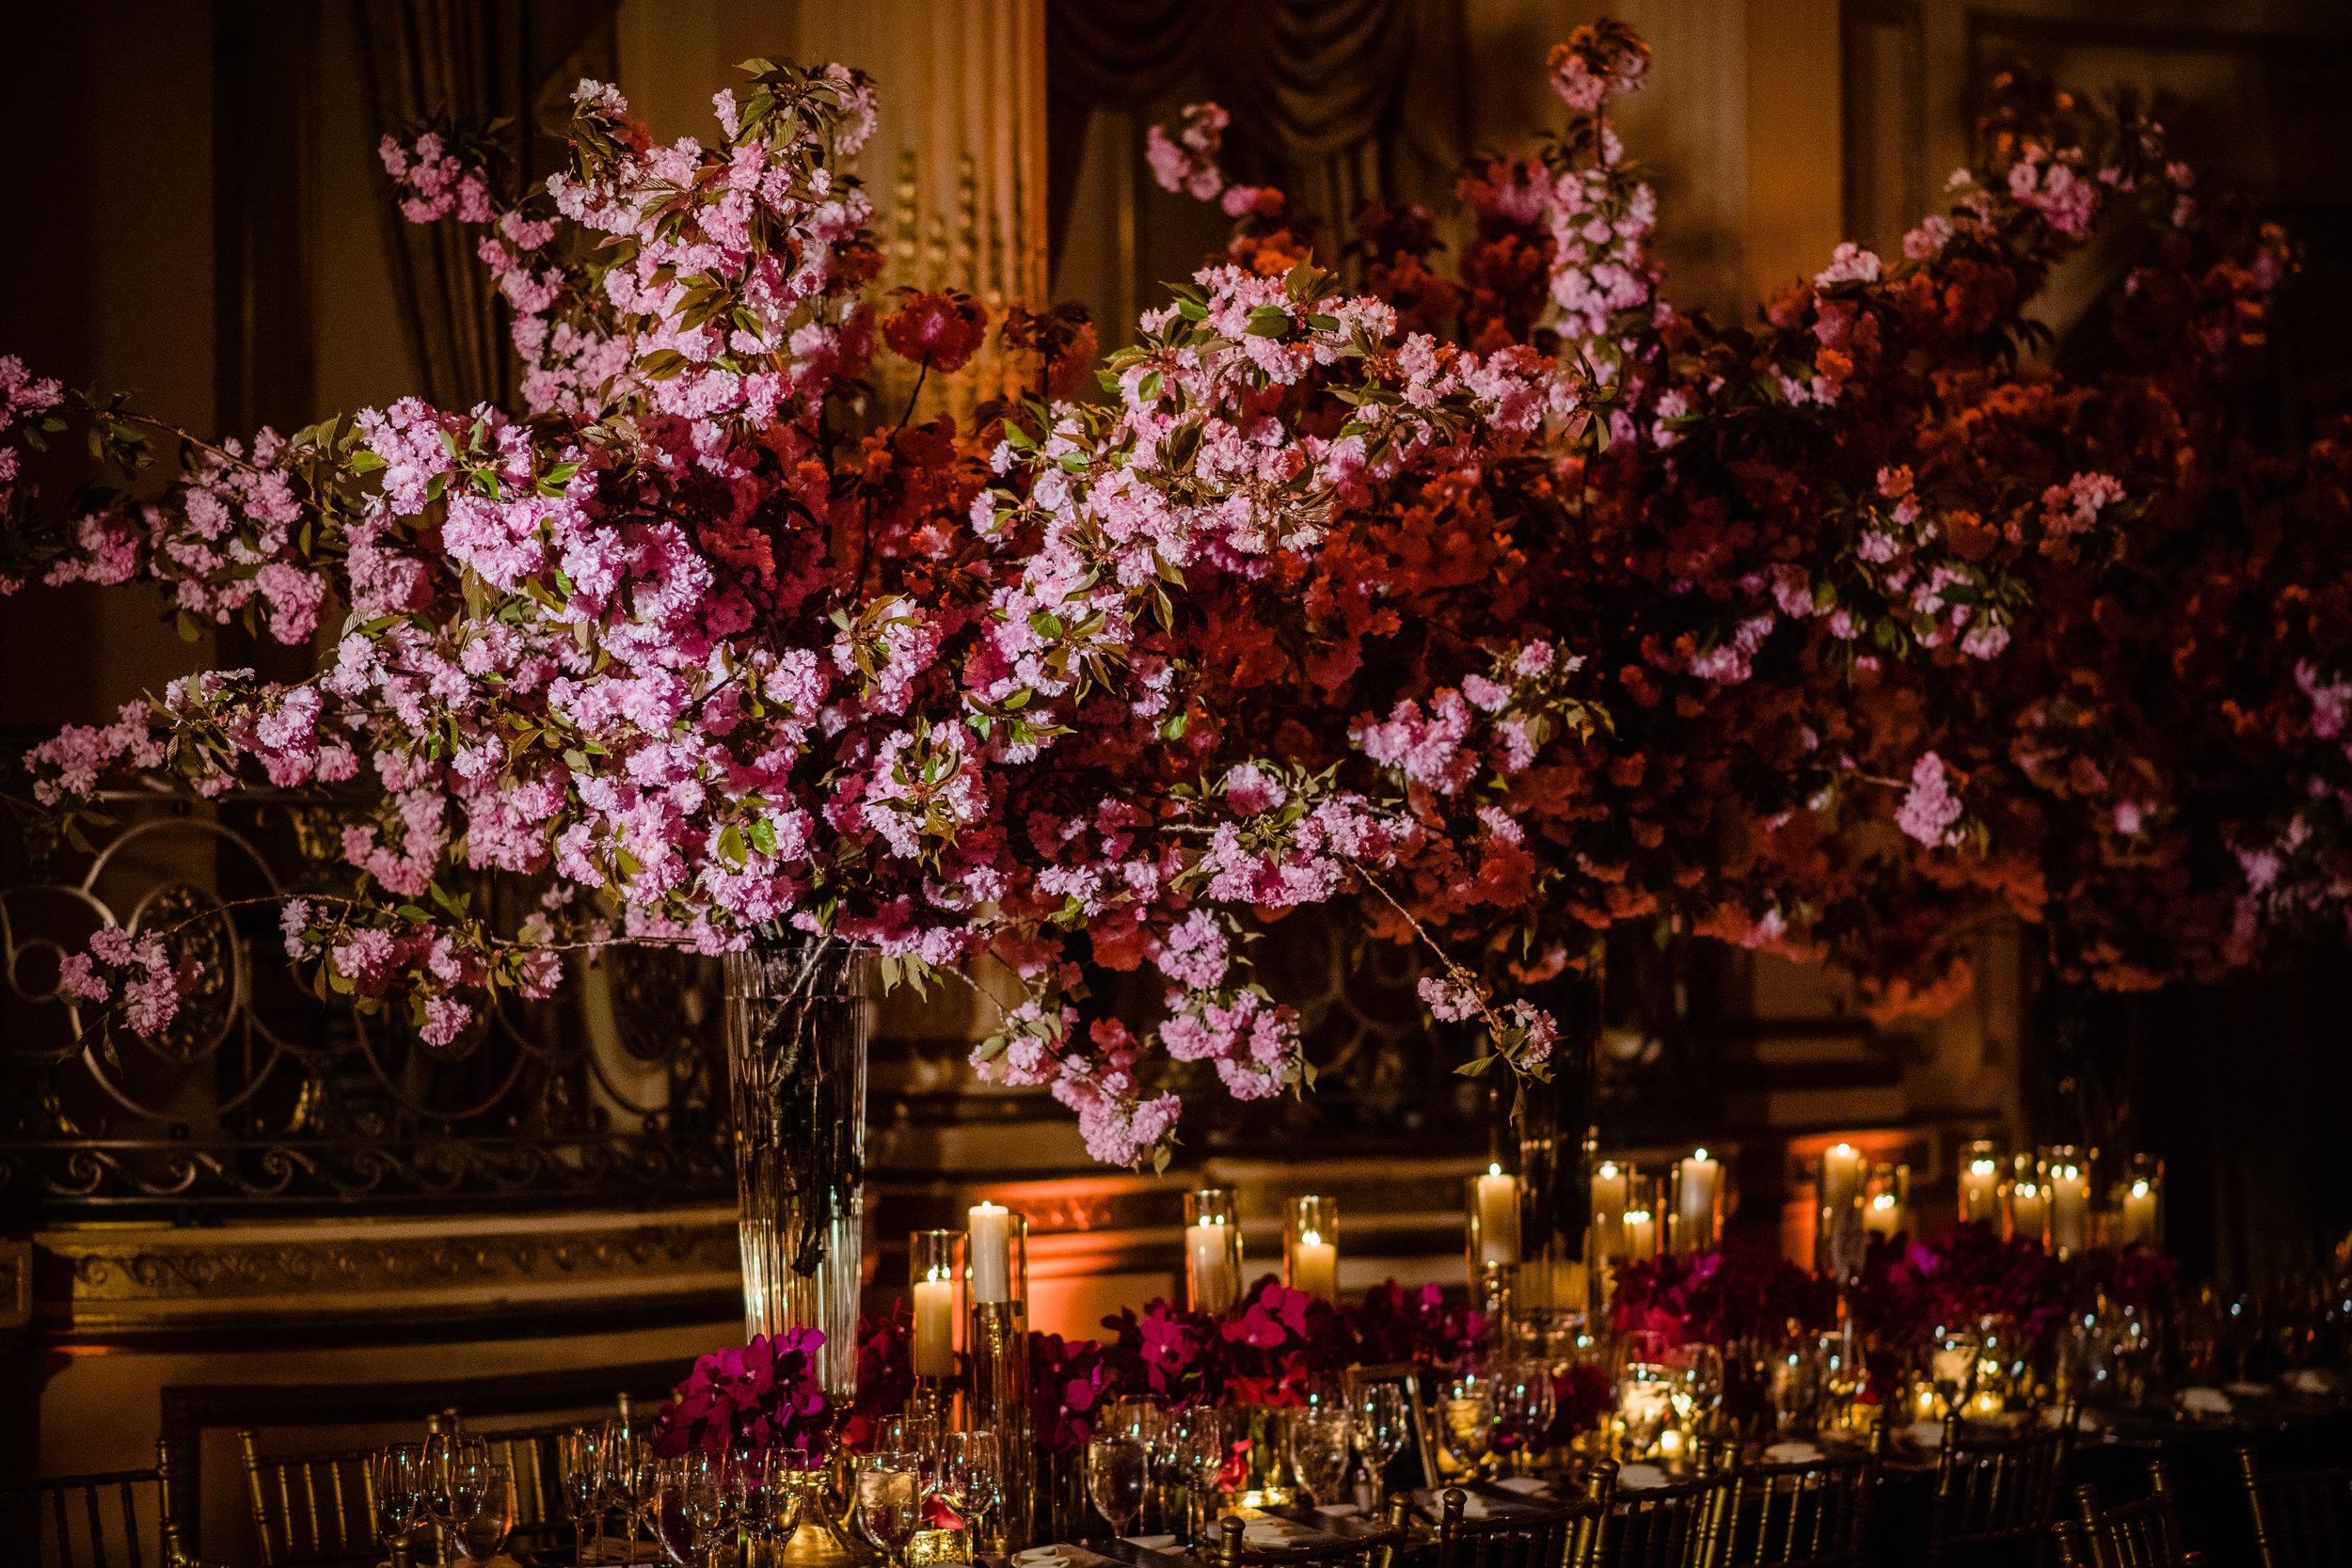 INDIAN WEDDING FLOWERS2.jpg